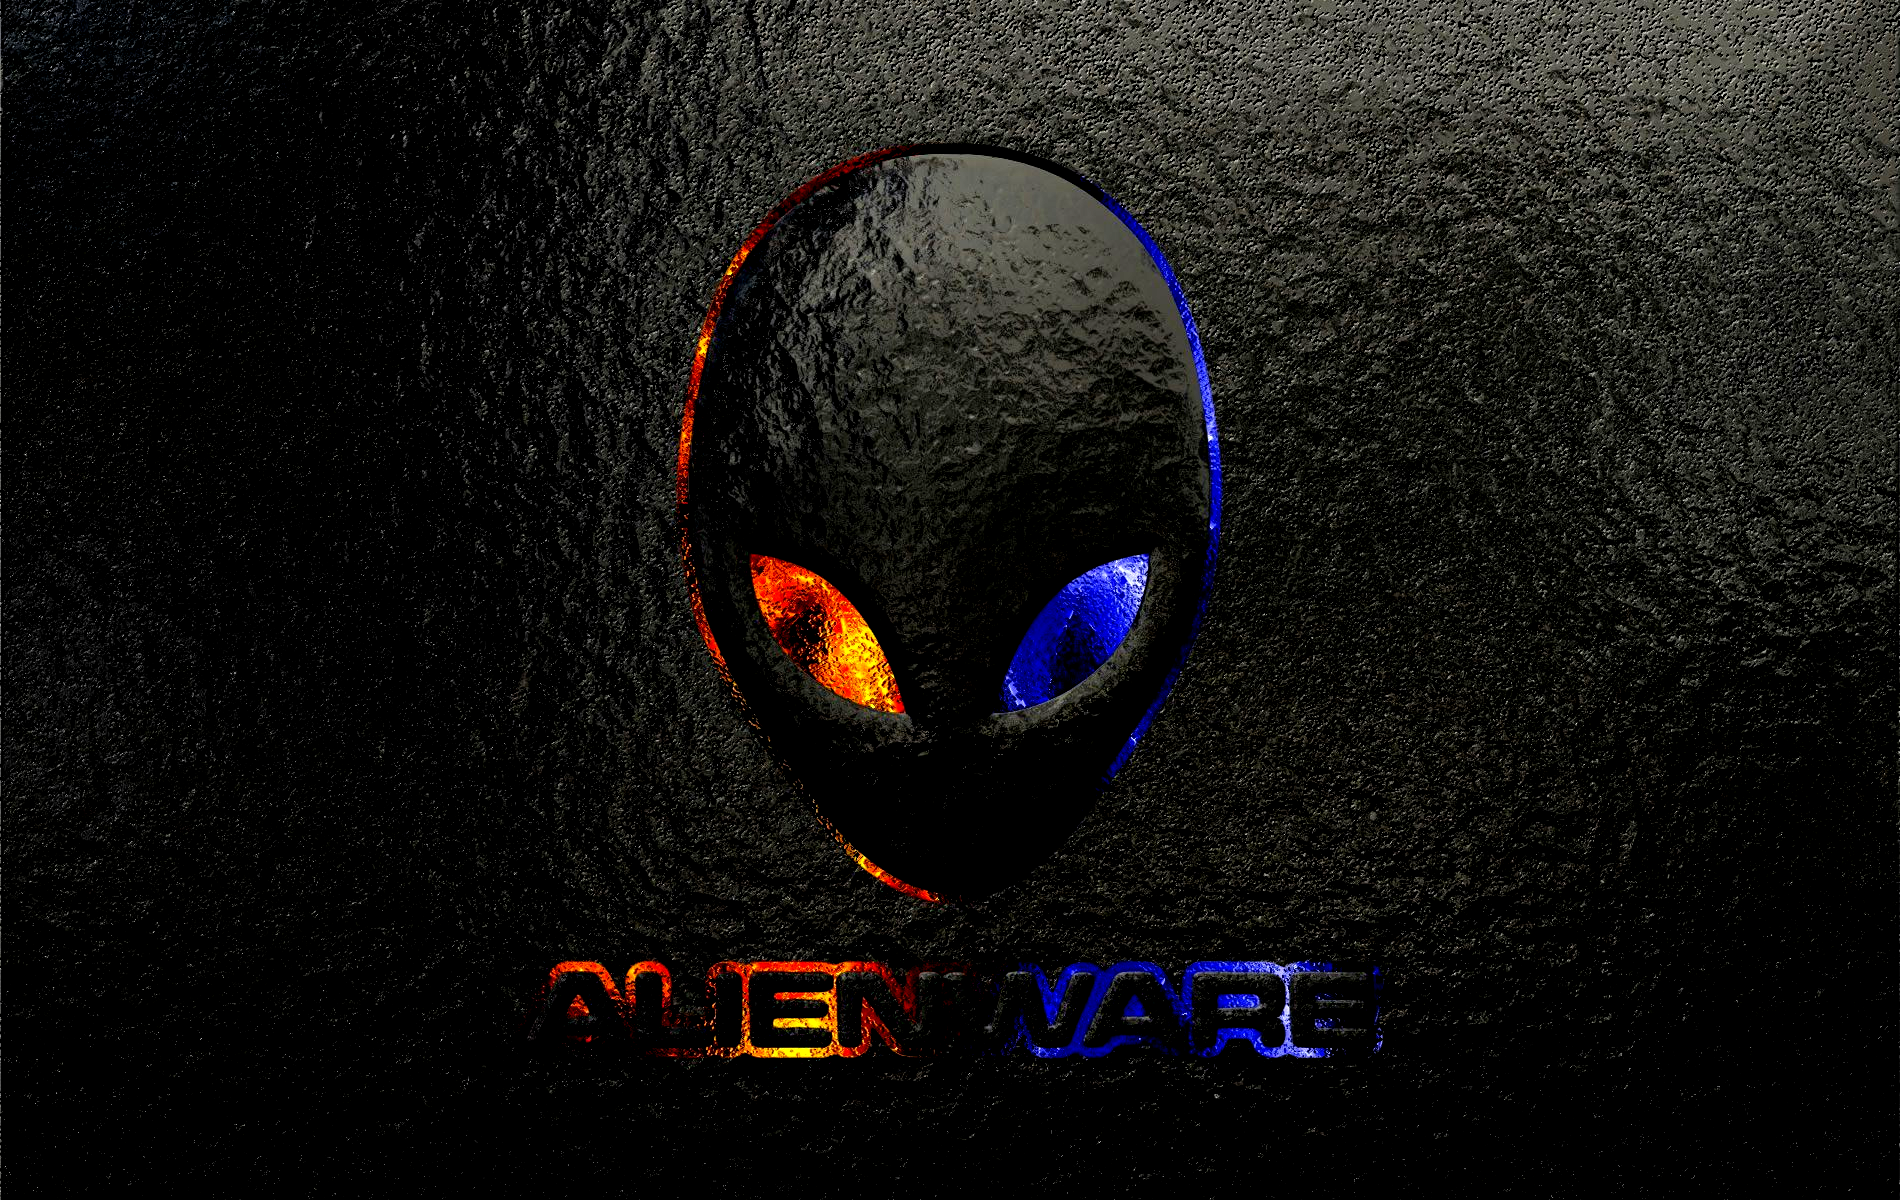 Alienware 1920x1080 4k In 2020 Computer Wallpaper Hd Alienware Computer Wallpaper